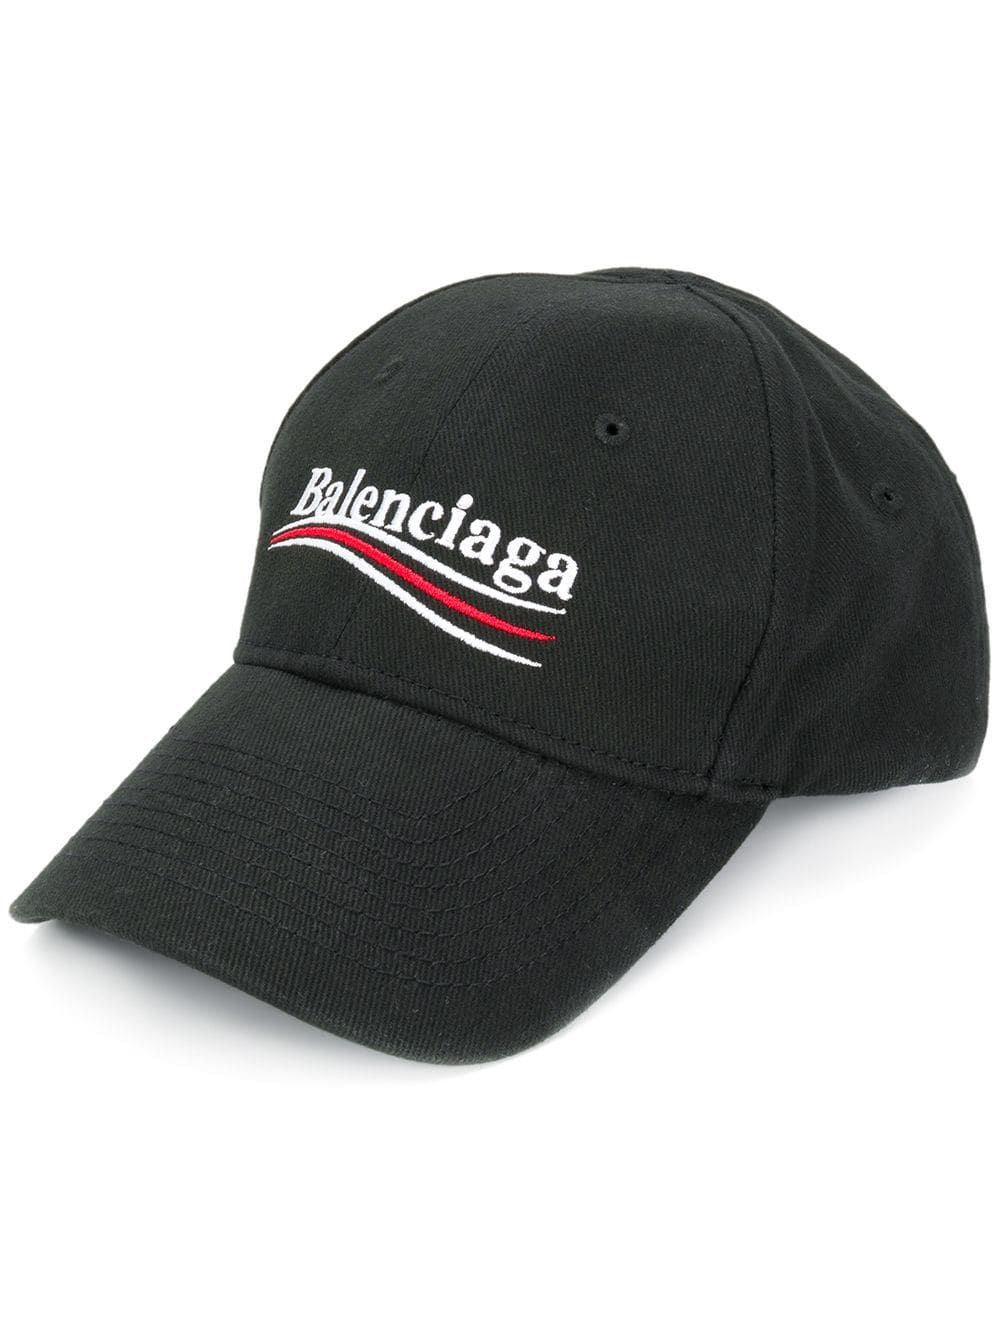 c2c70828 Balenciaga New Politic cap - Black in 2019 | Products | Designer ...